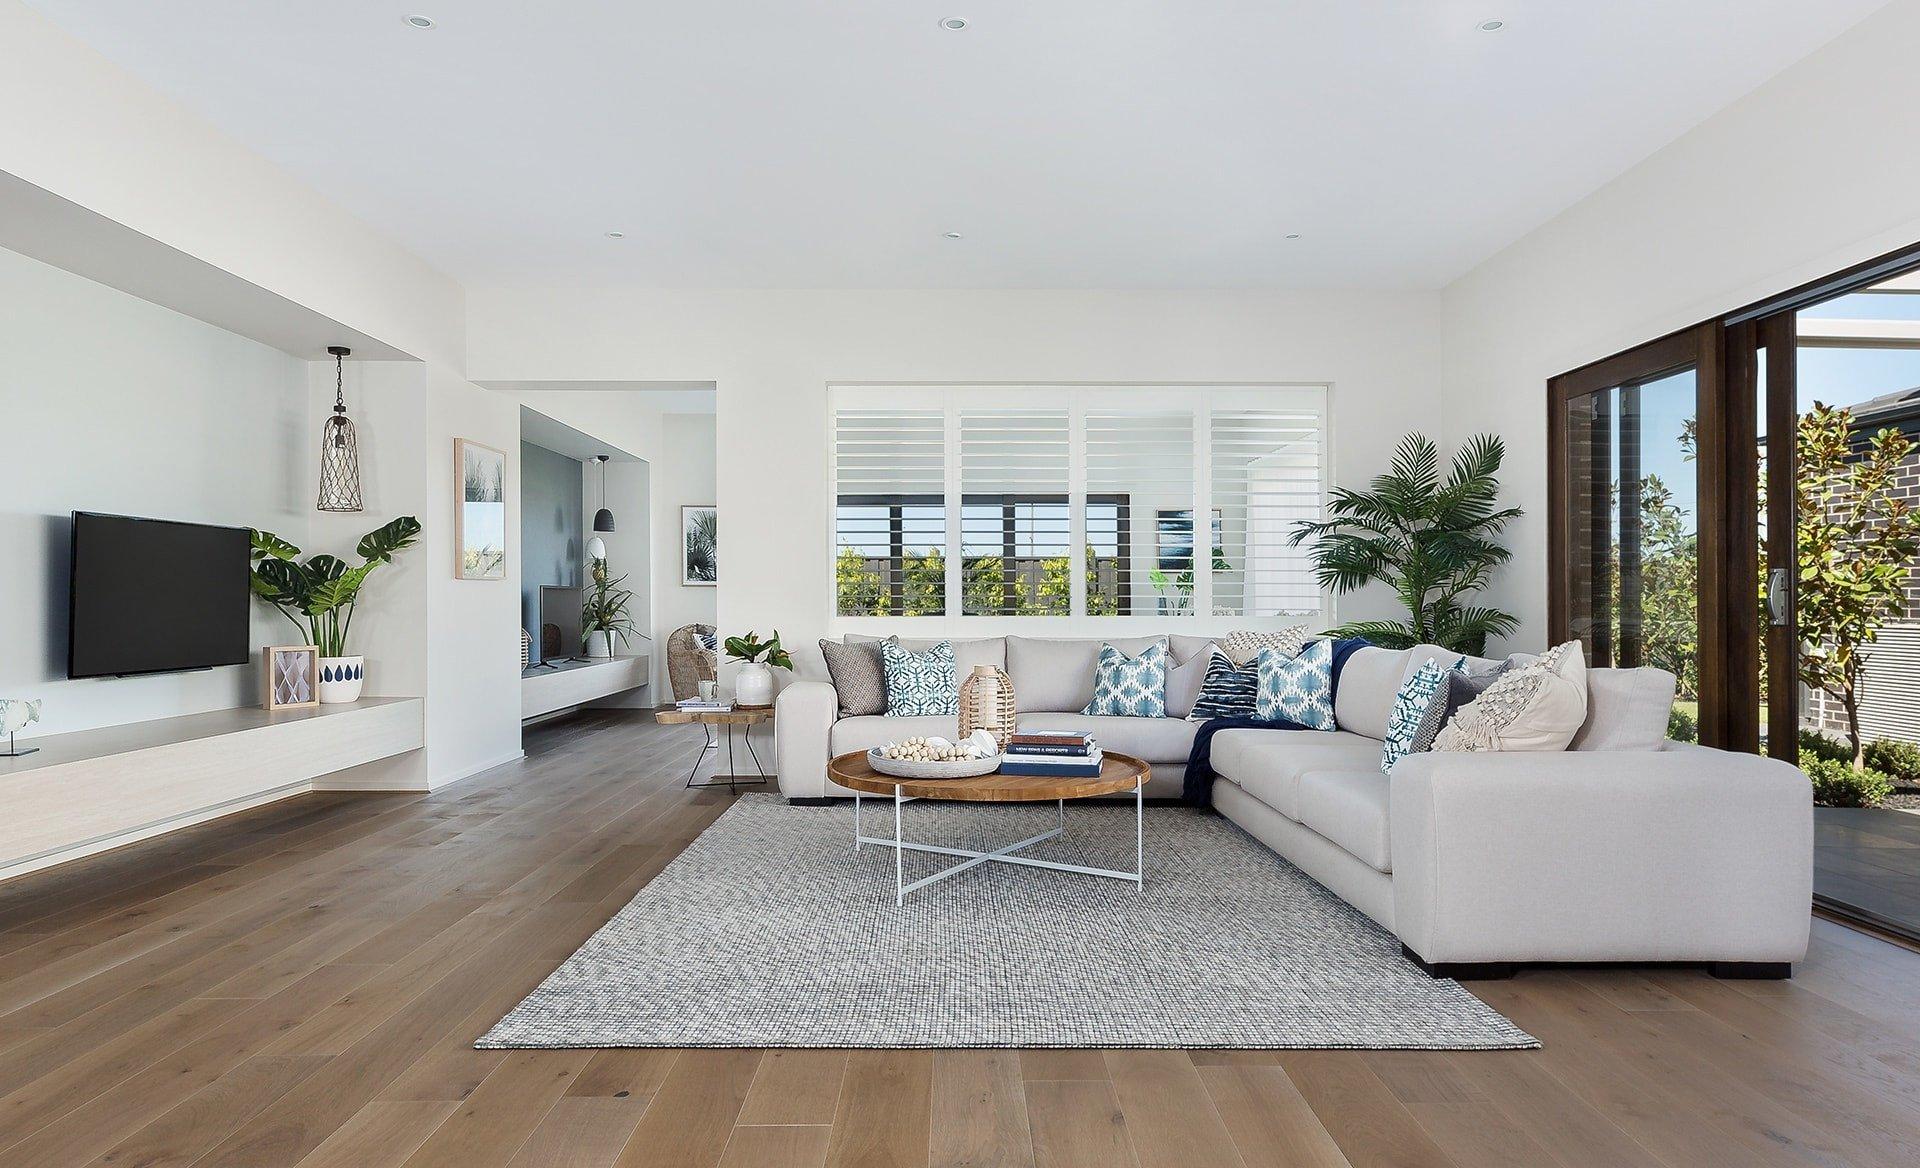 Coastal Contemporary Living Room now This is How You Do Modern Coastal Interior Design